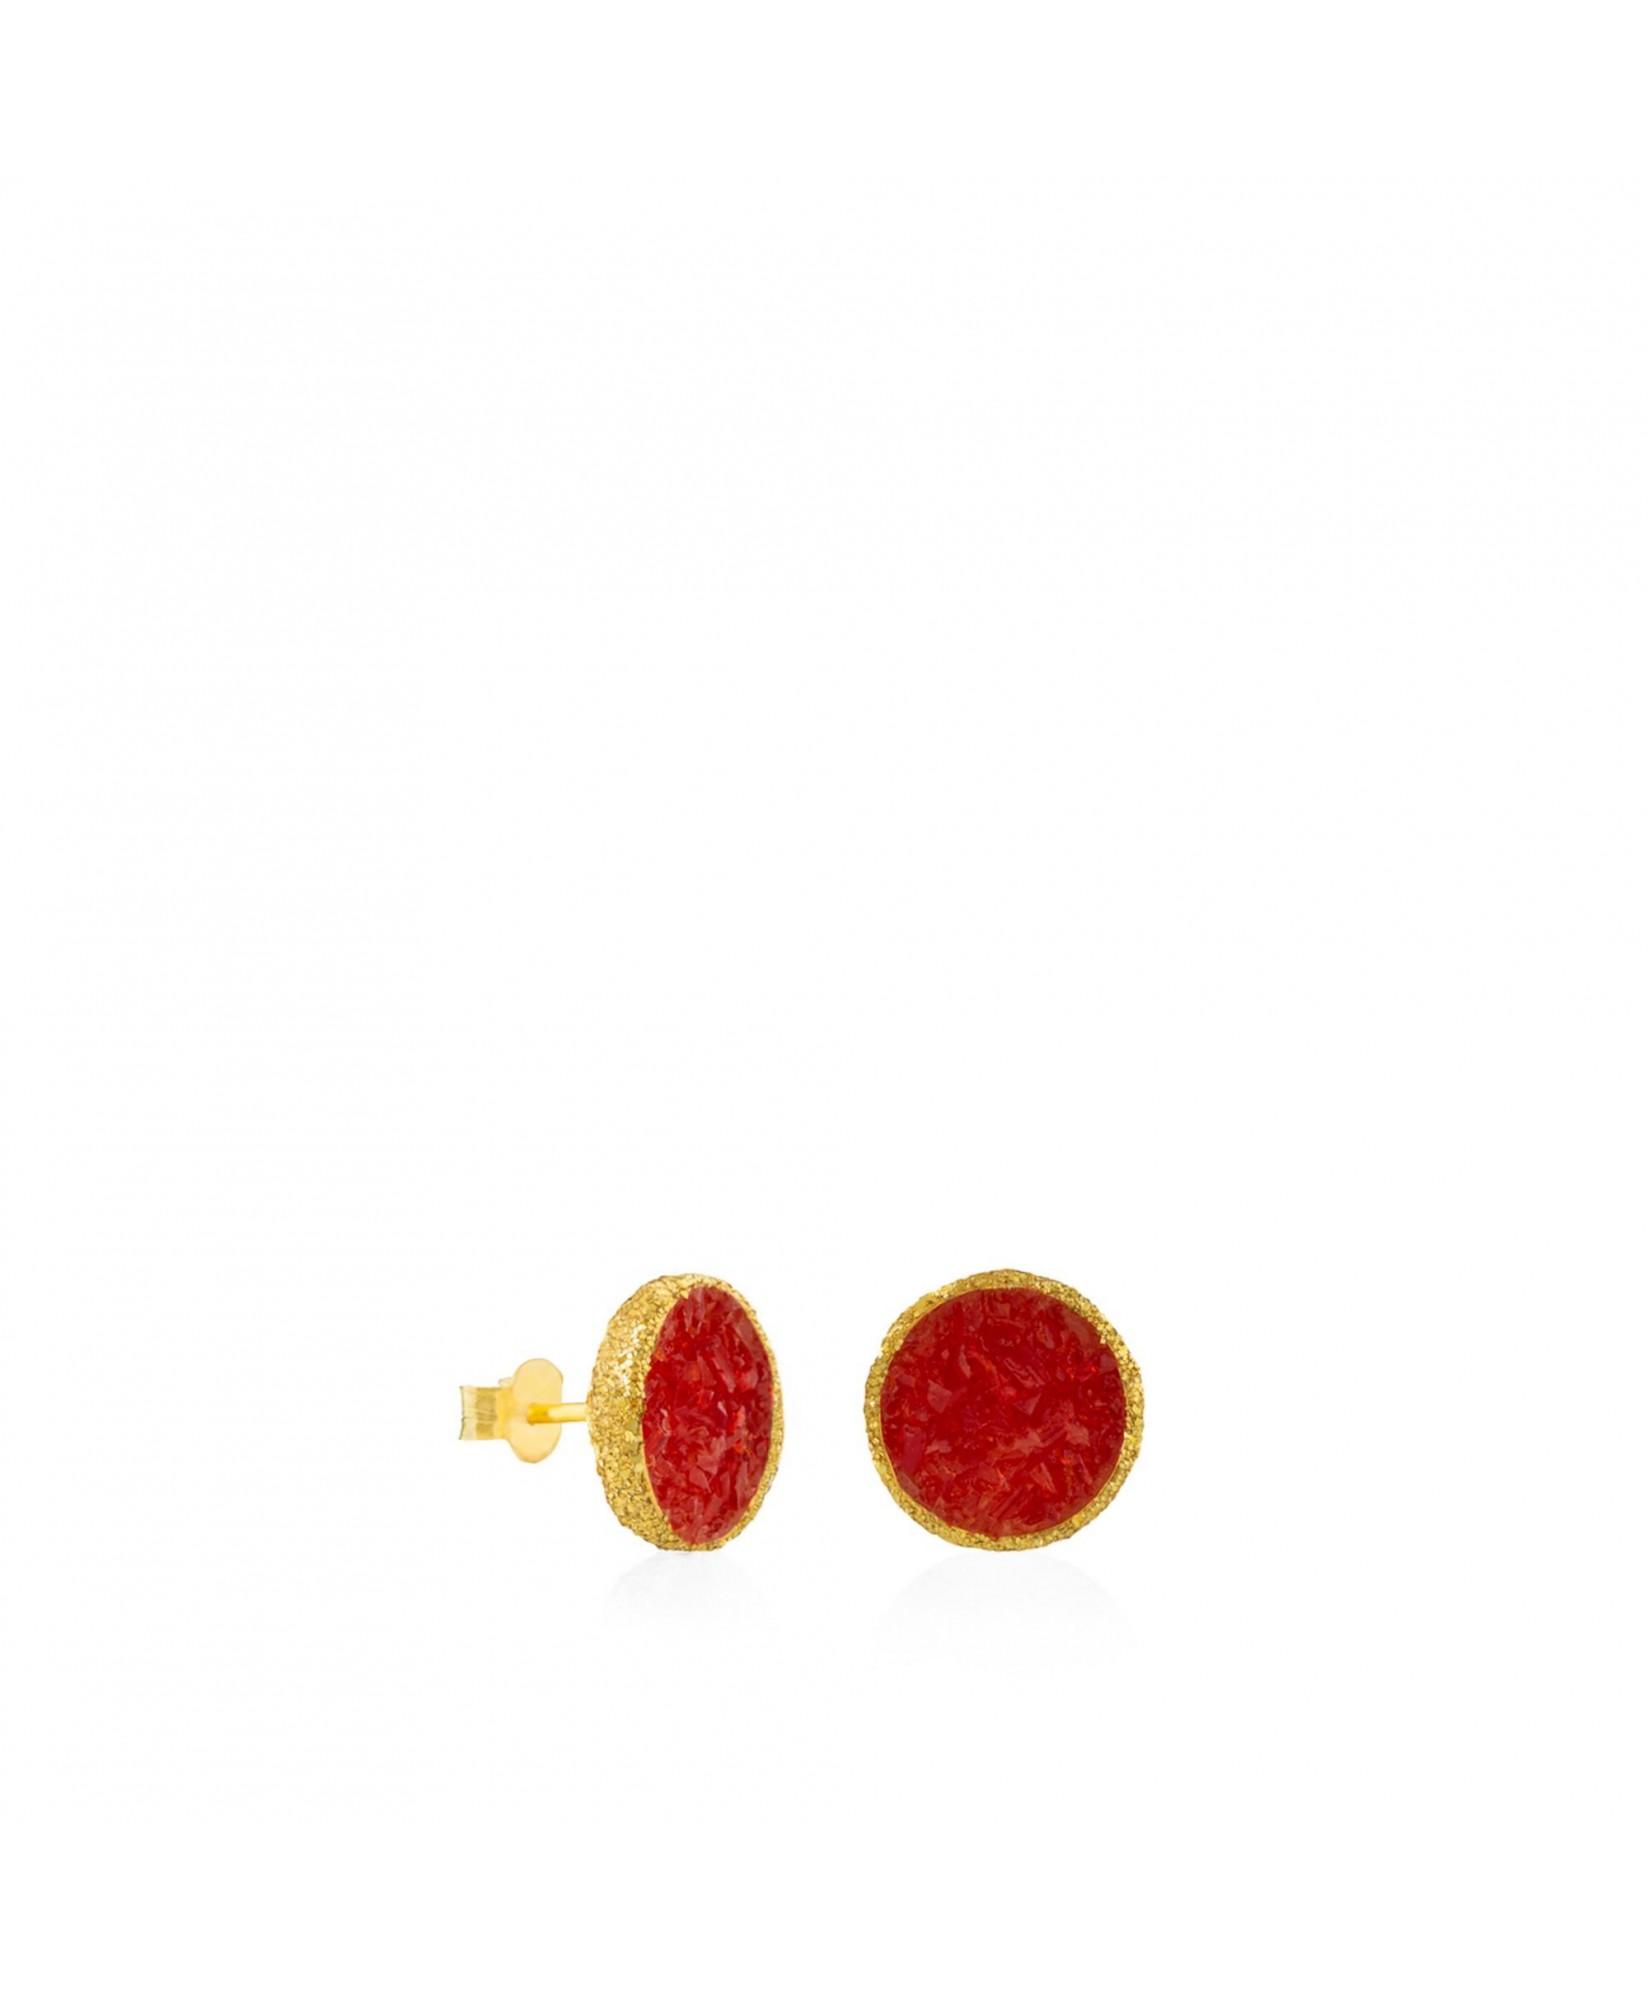 Pendientes dormilonas oro grandes Love con nácar rojo Pendientes dormilonas oro grandes Love con nácar rojo